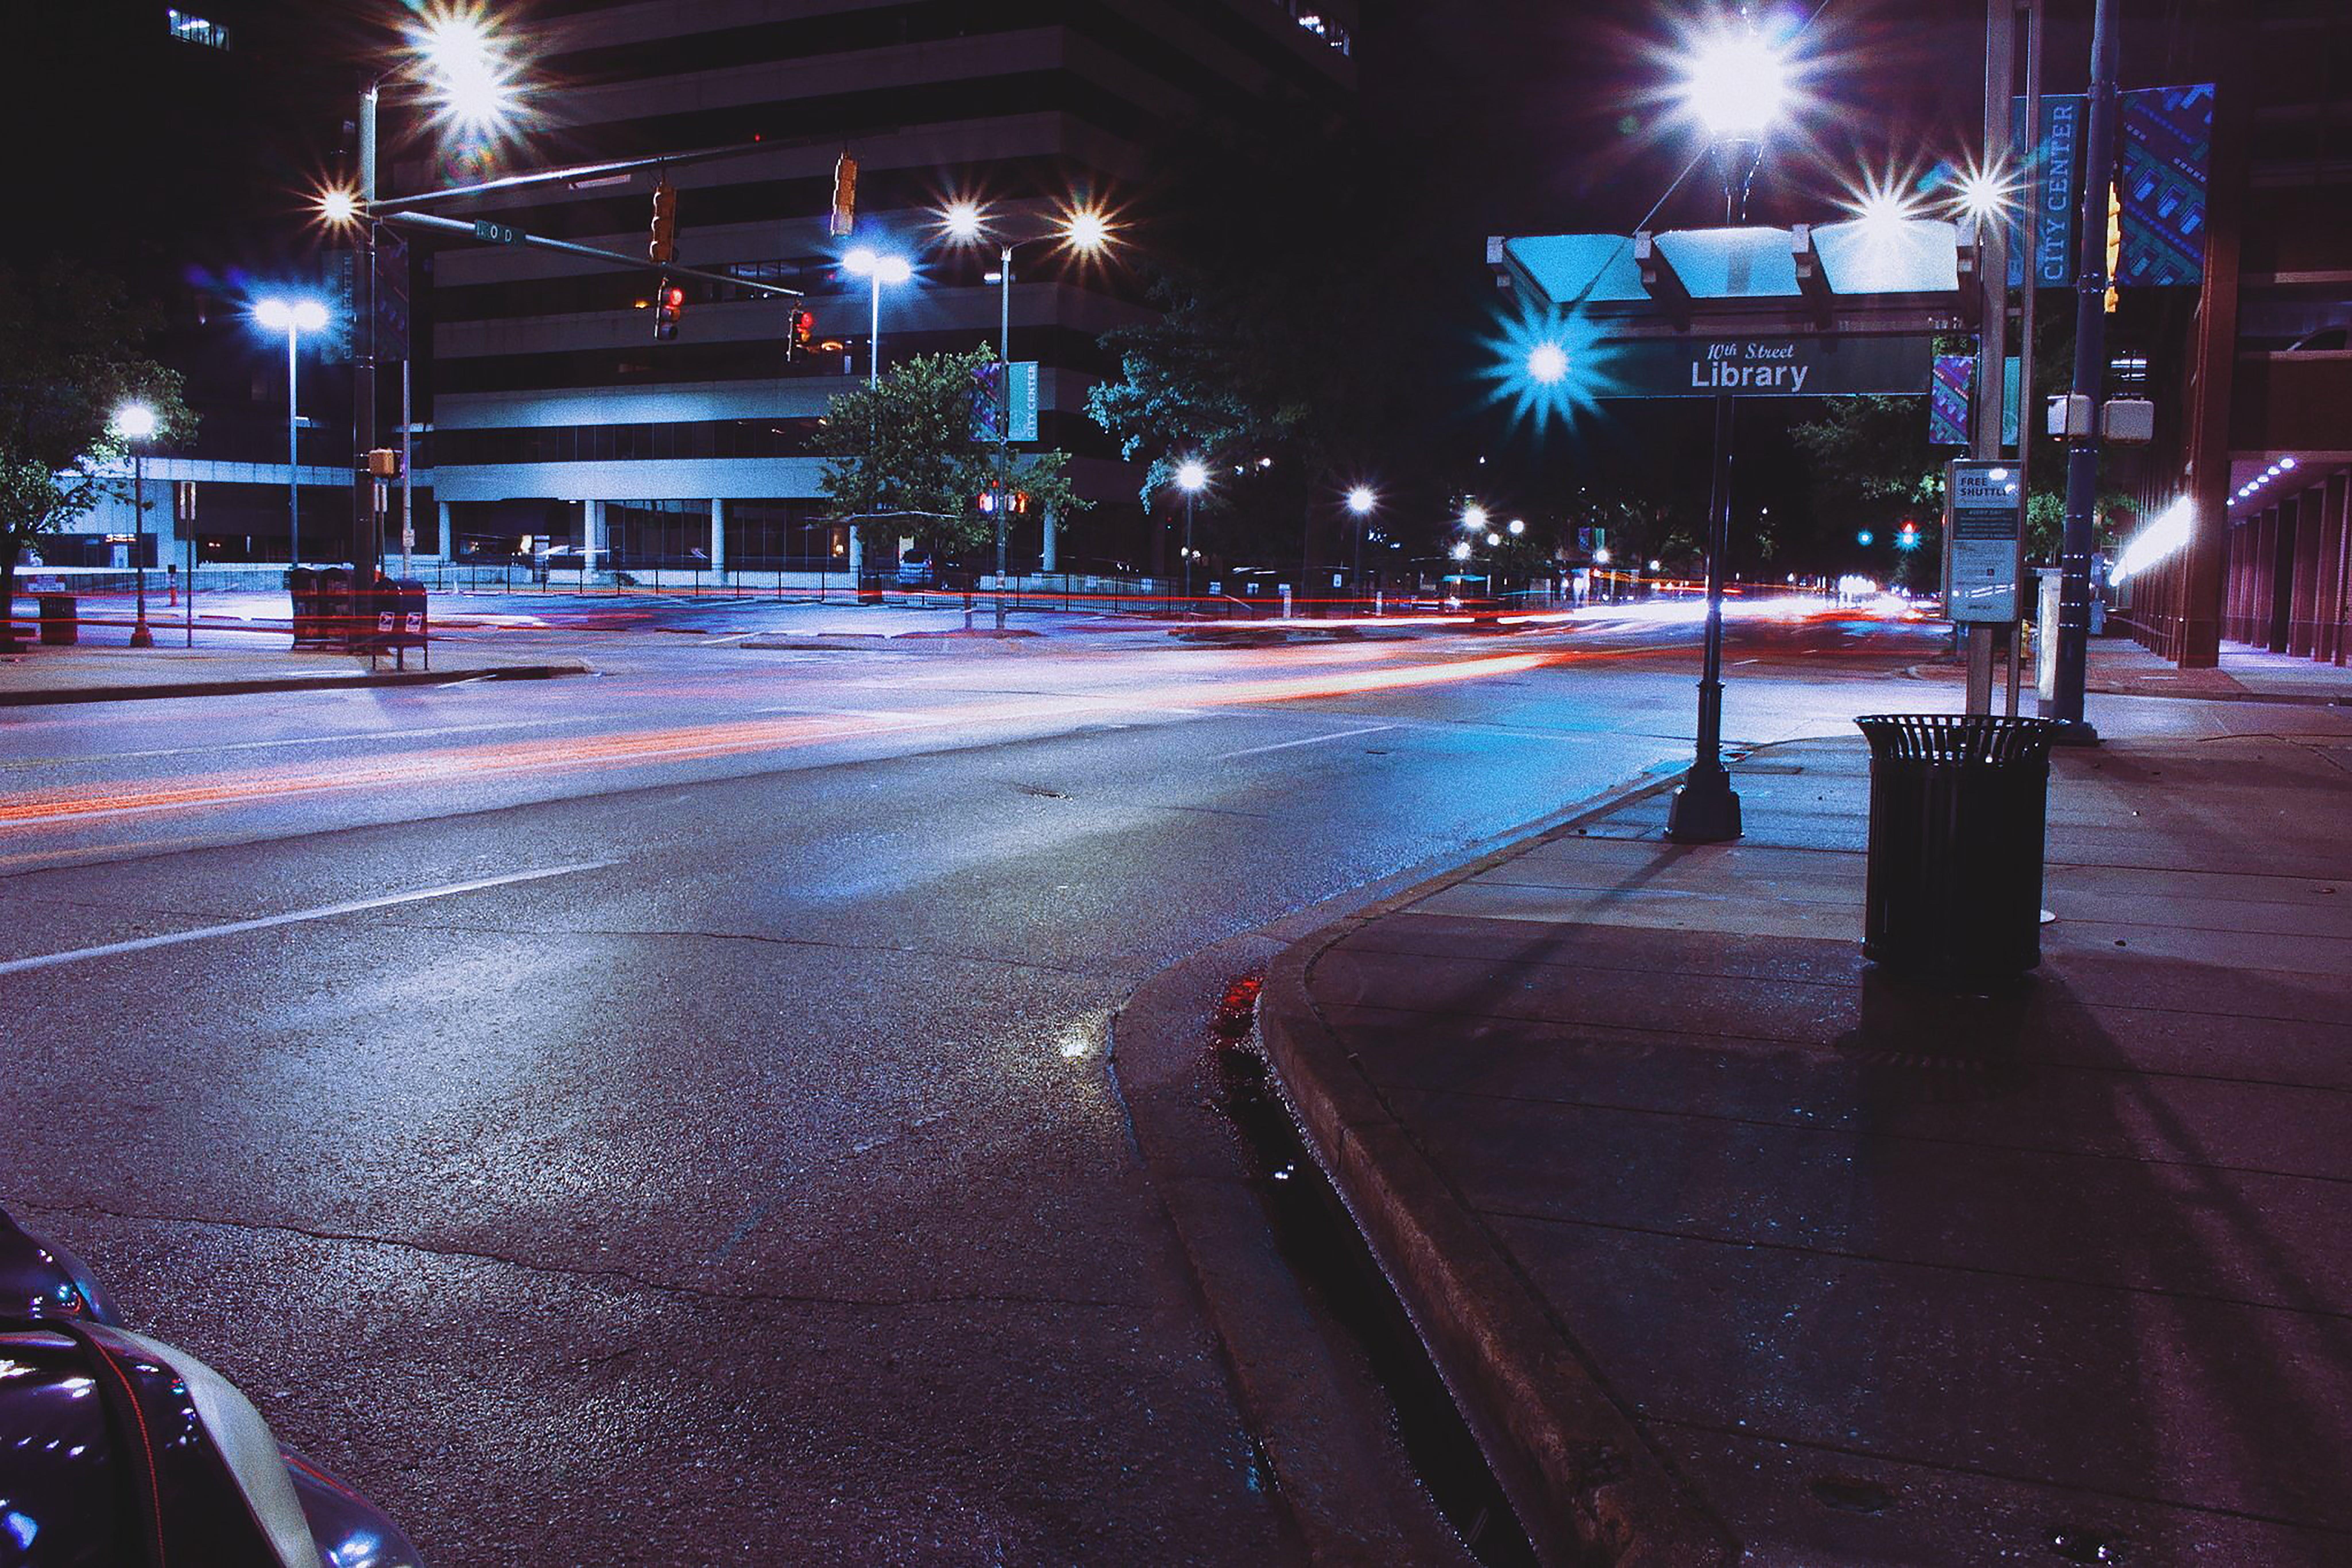 光迹, 城市的燈光, 夜間攝影, 市中心 的 免费素材照片